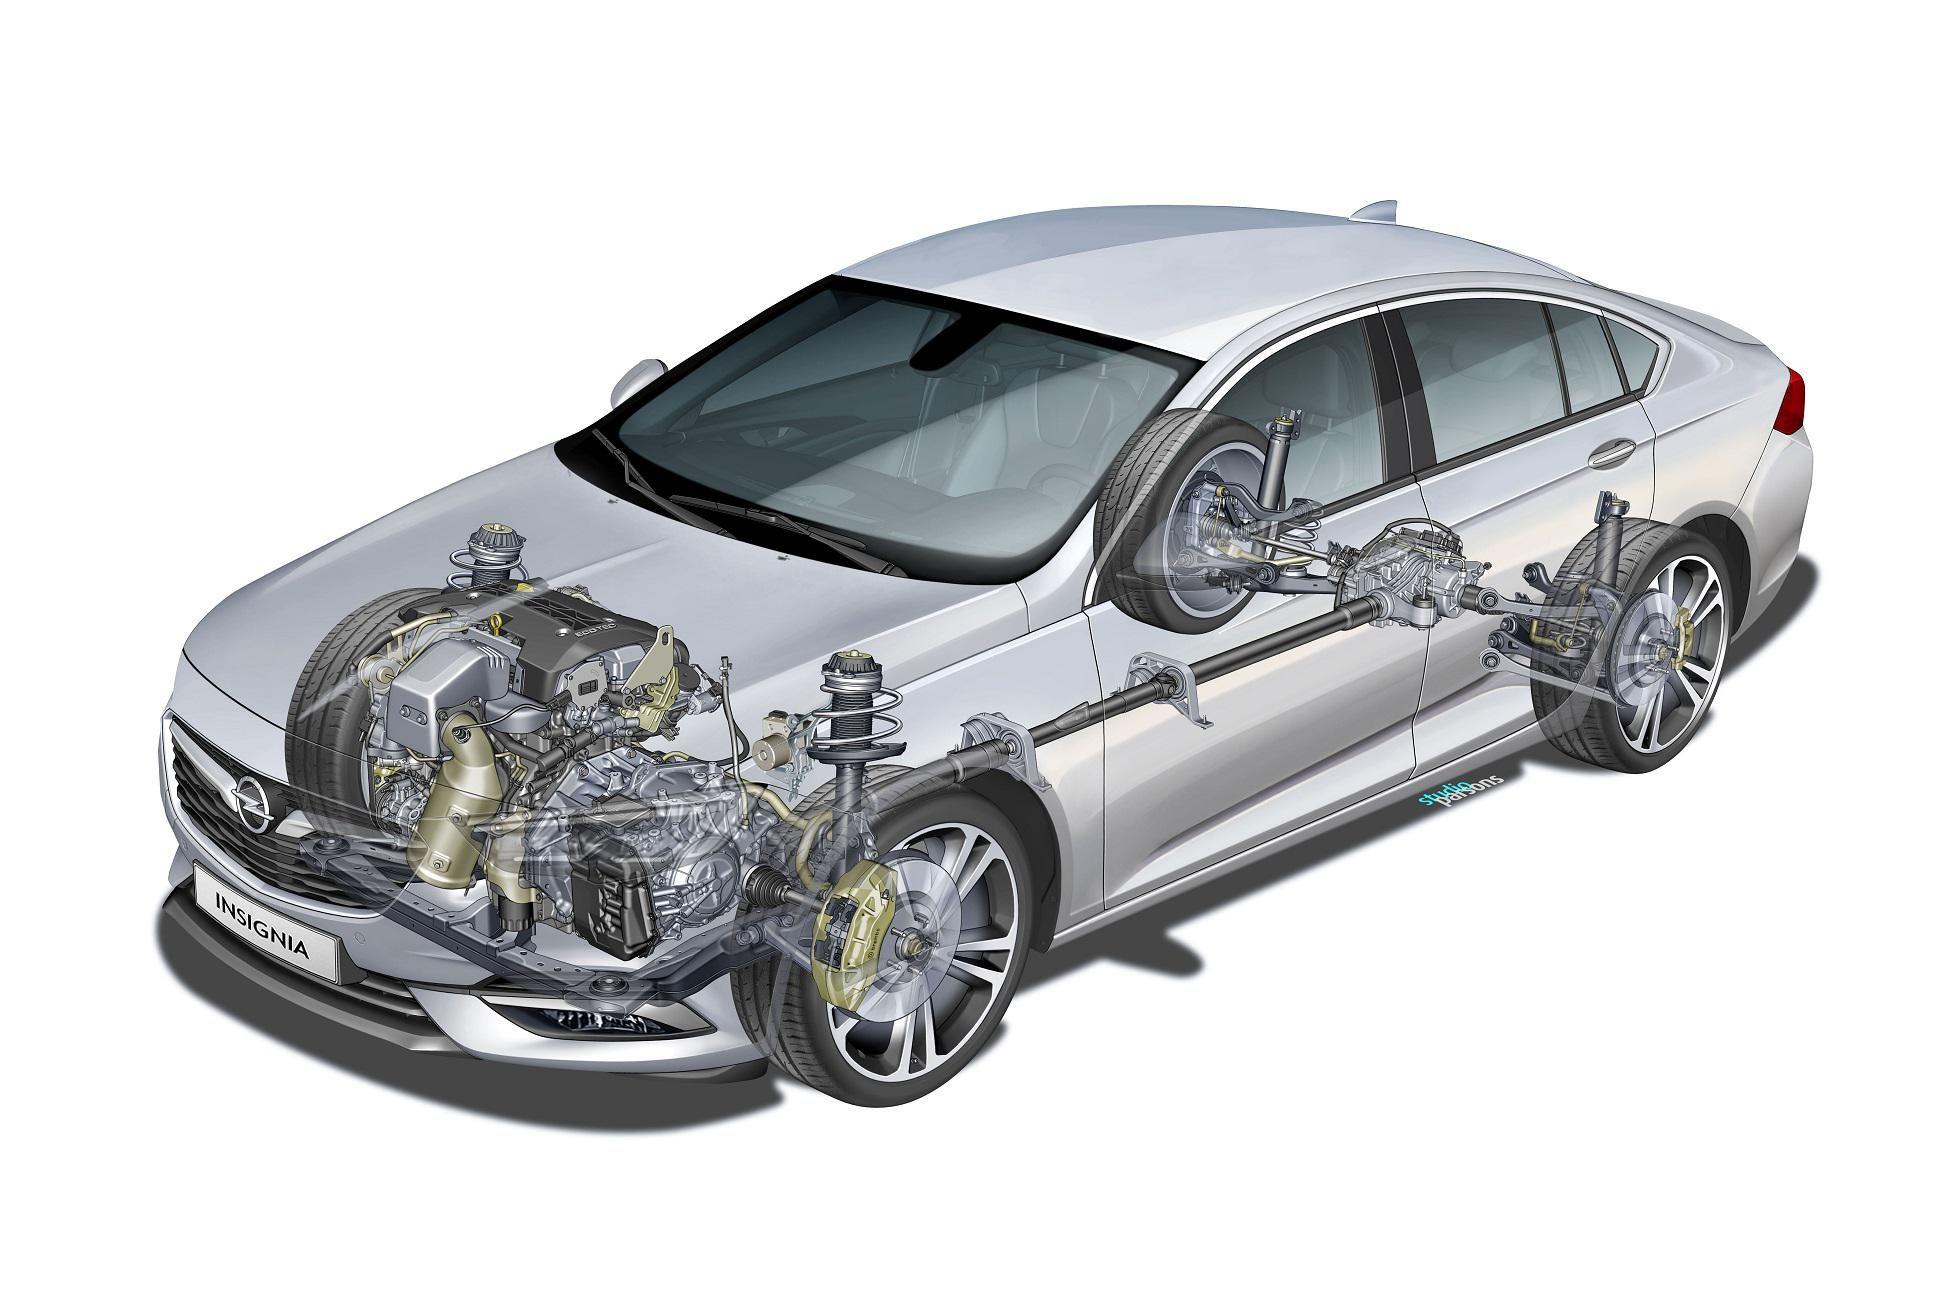 Opel Insignia ganador del título `coche con tracción total del año 2019´, por Autobild